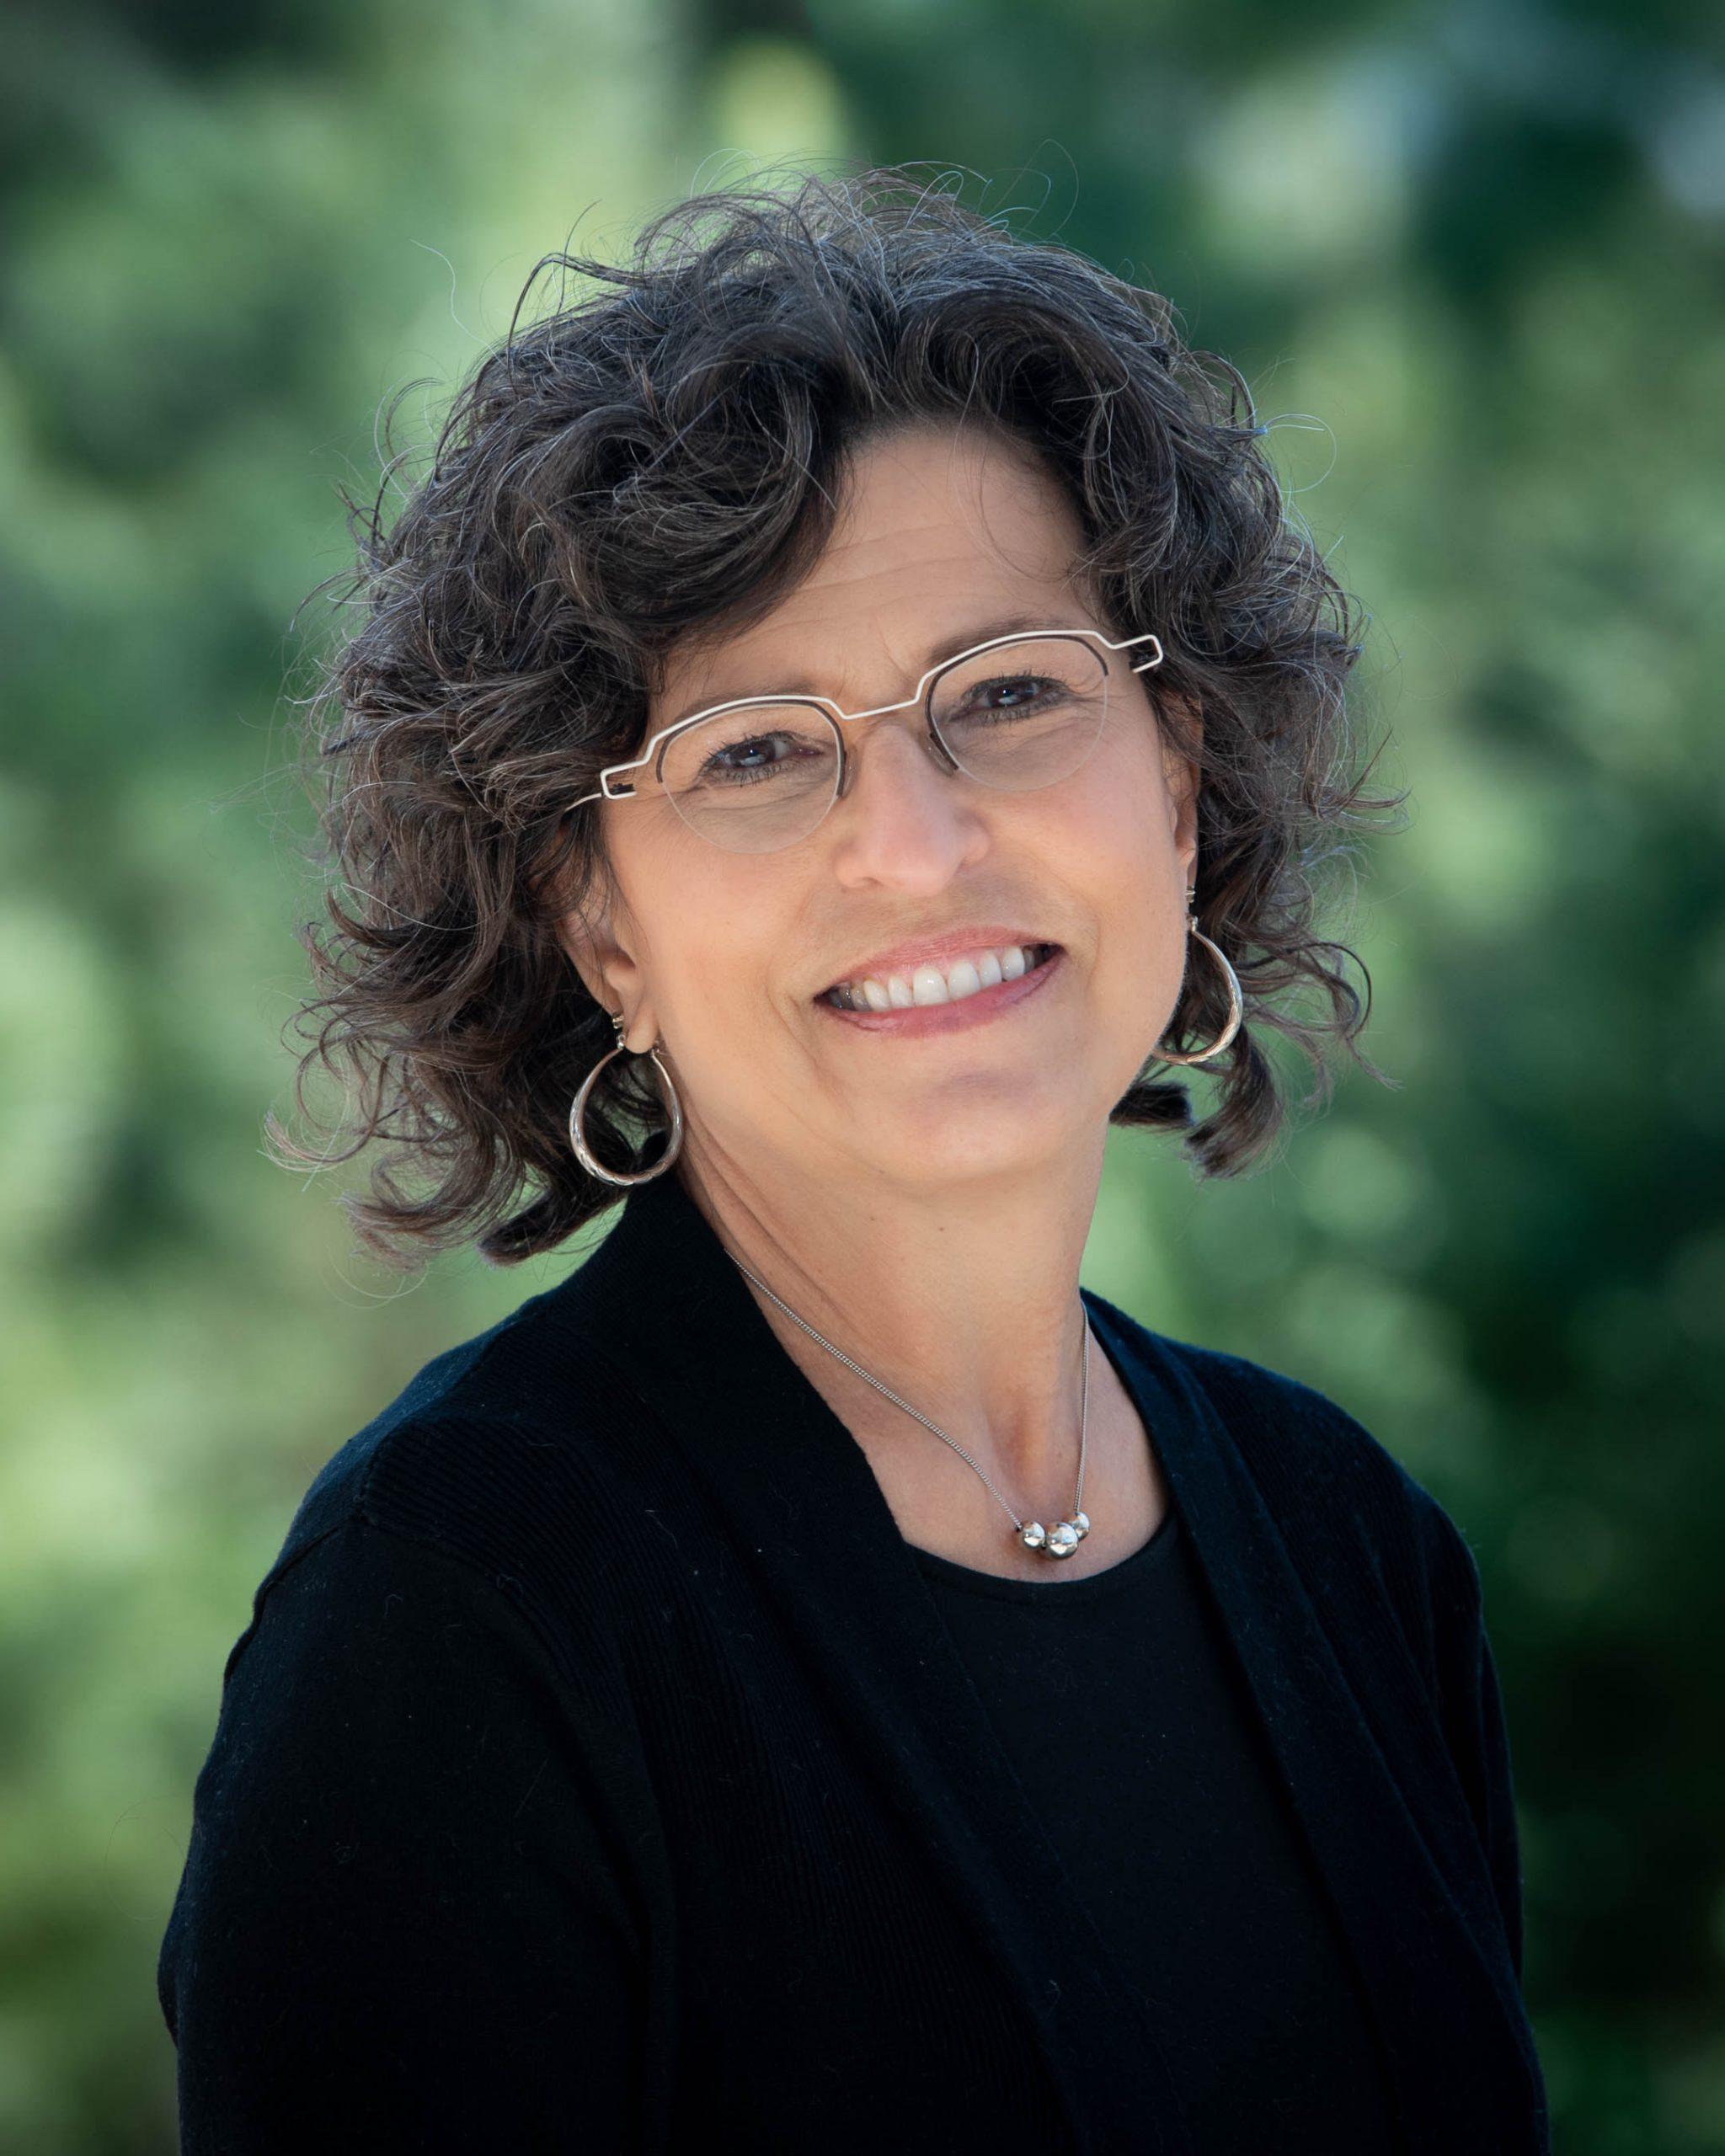 Suzanne Crosser